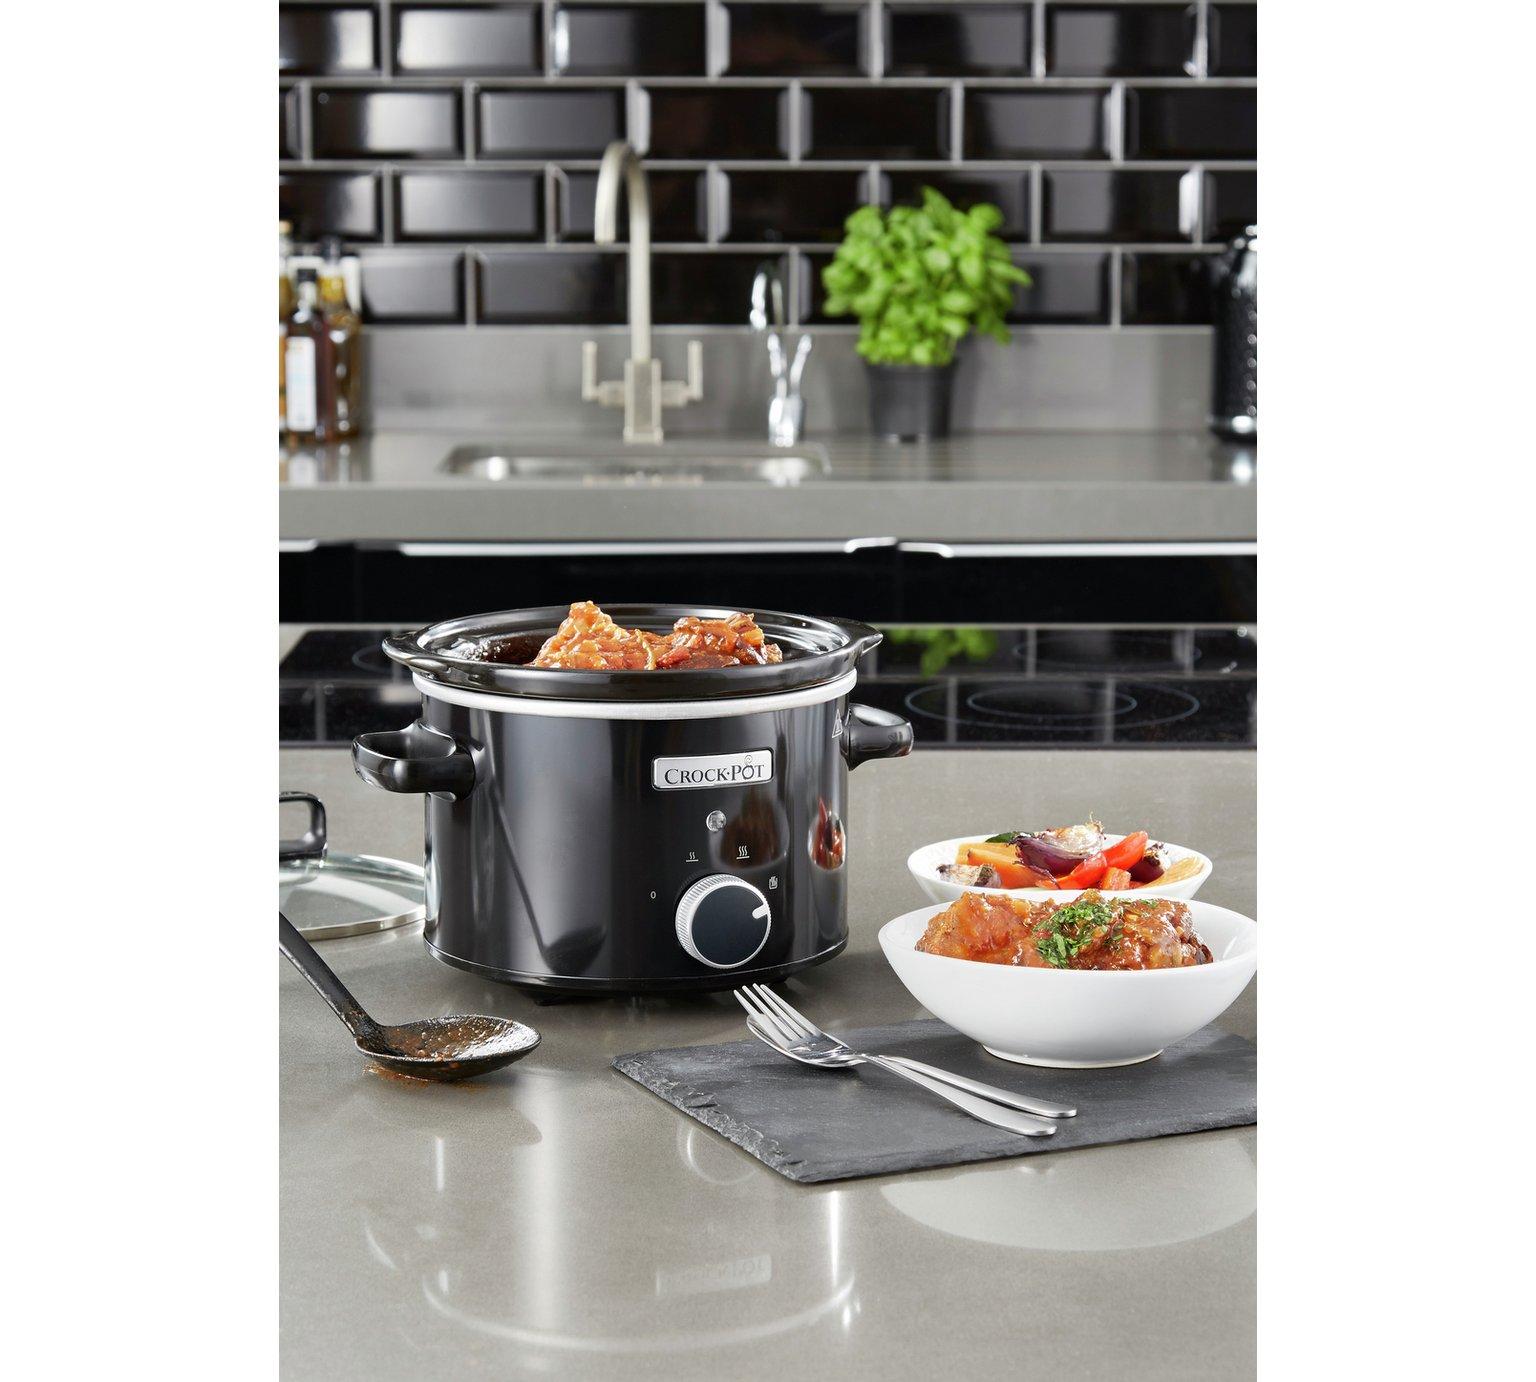 Lot 10064 - V Brand New 2.4L Crock-Pot Slow Cooker - £31.99 at Espares.co.uk - Black - Dishwasher Safe - Oven